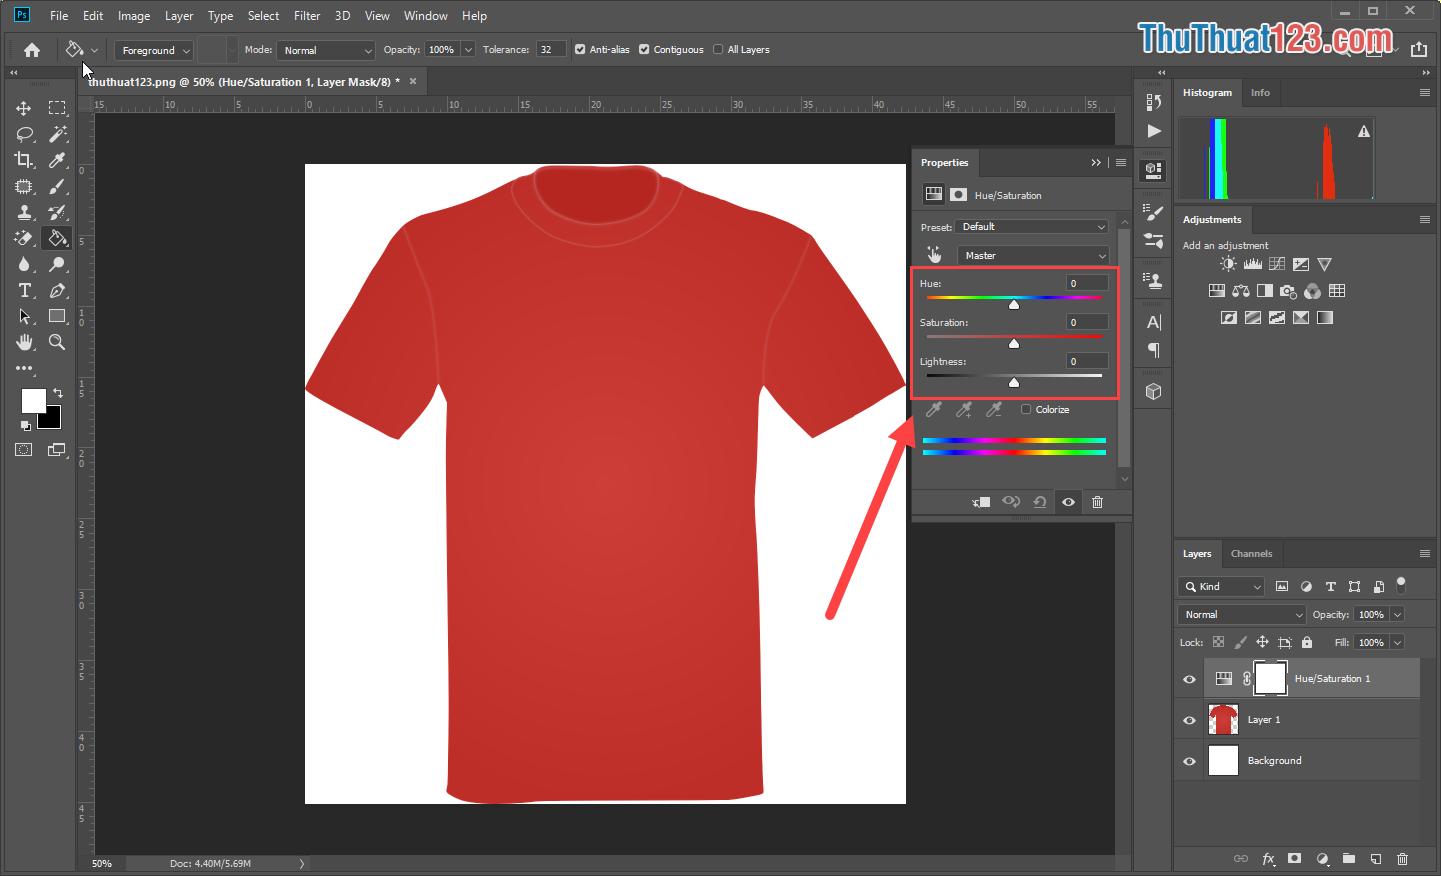 Bạn có thể thay đổi thông số để thay đổi màu sắc của đối tượng